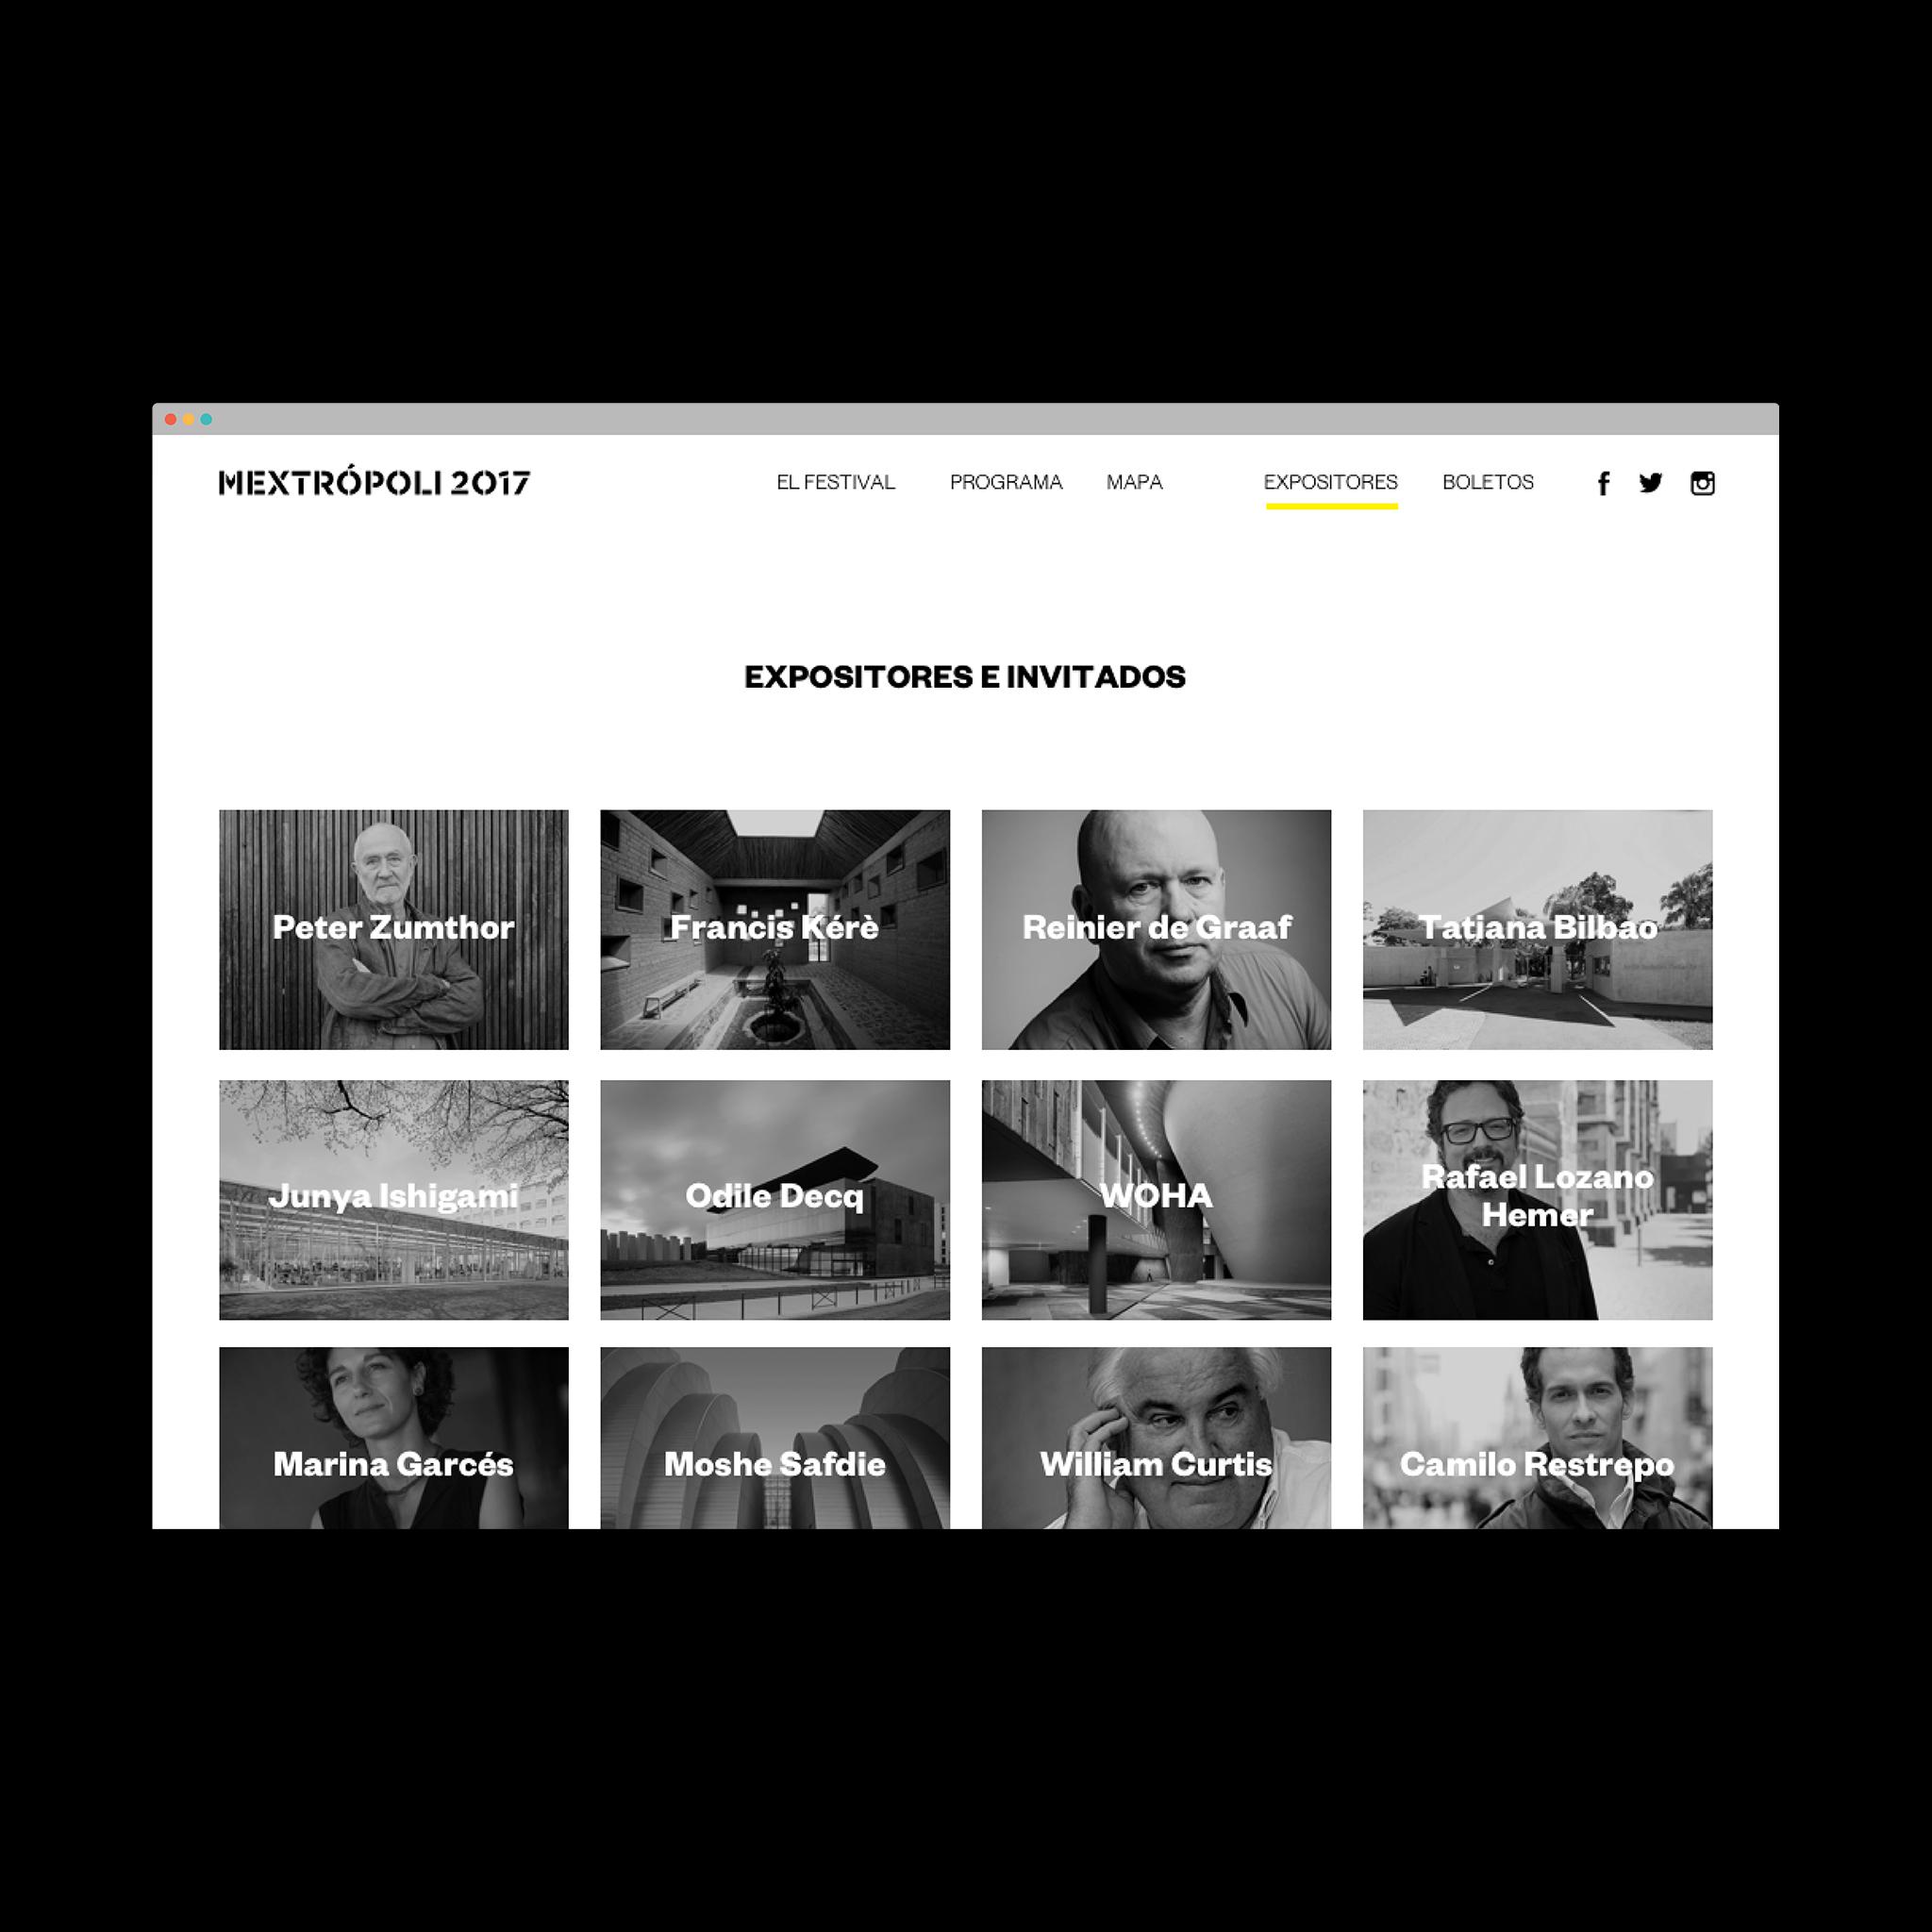 Cartel e identidad para Mextrópoli 2017 Arquine